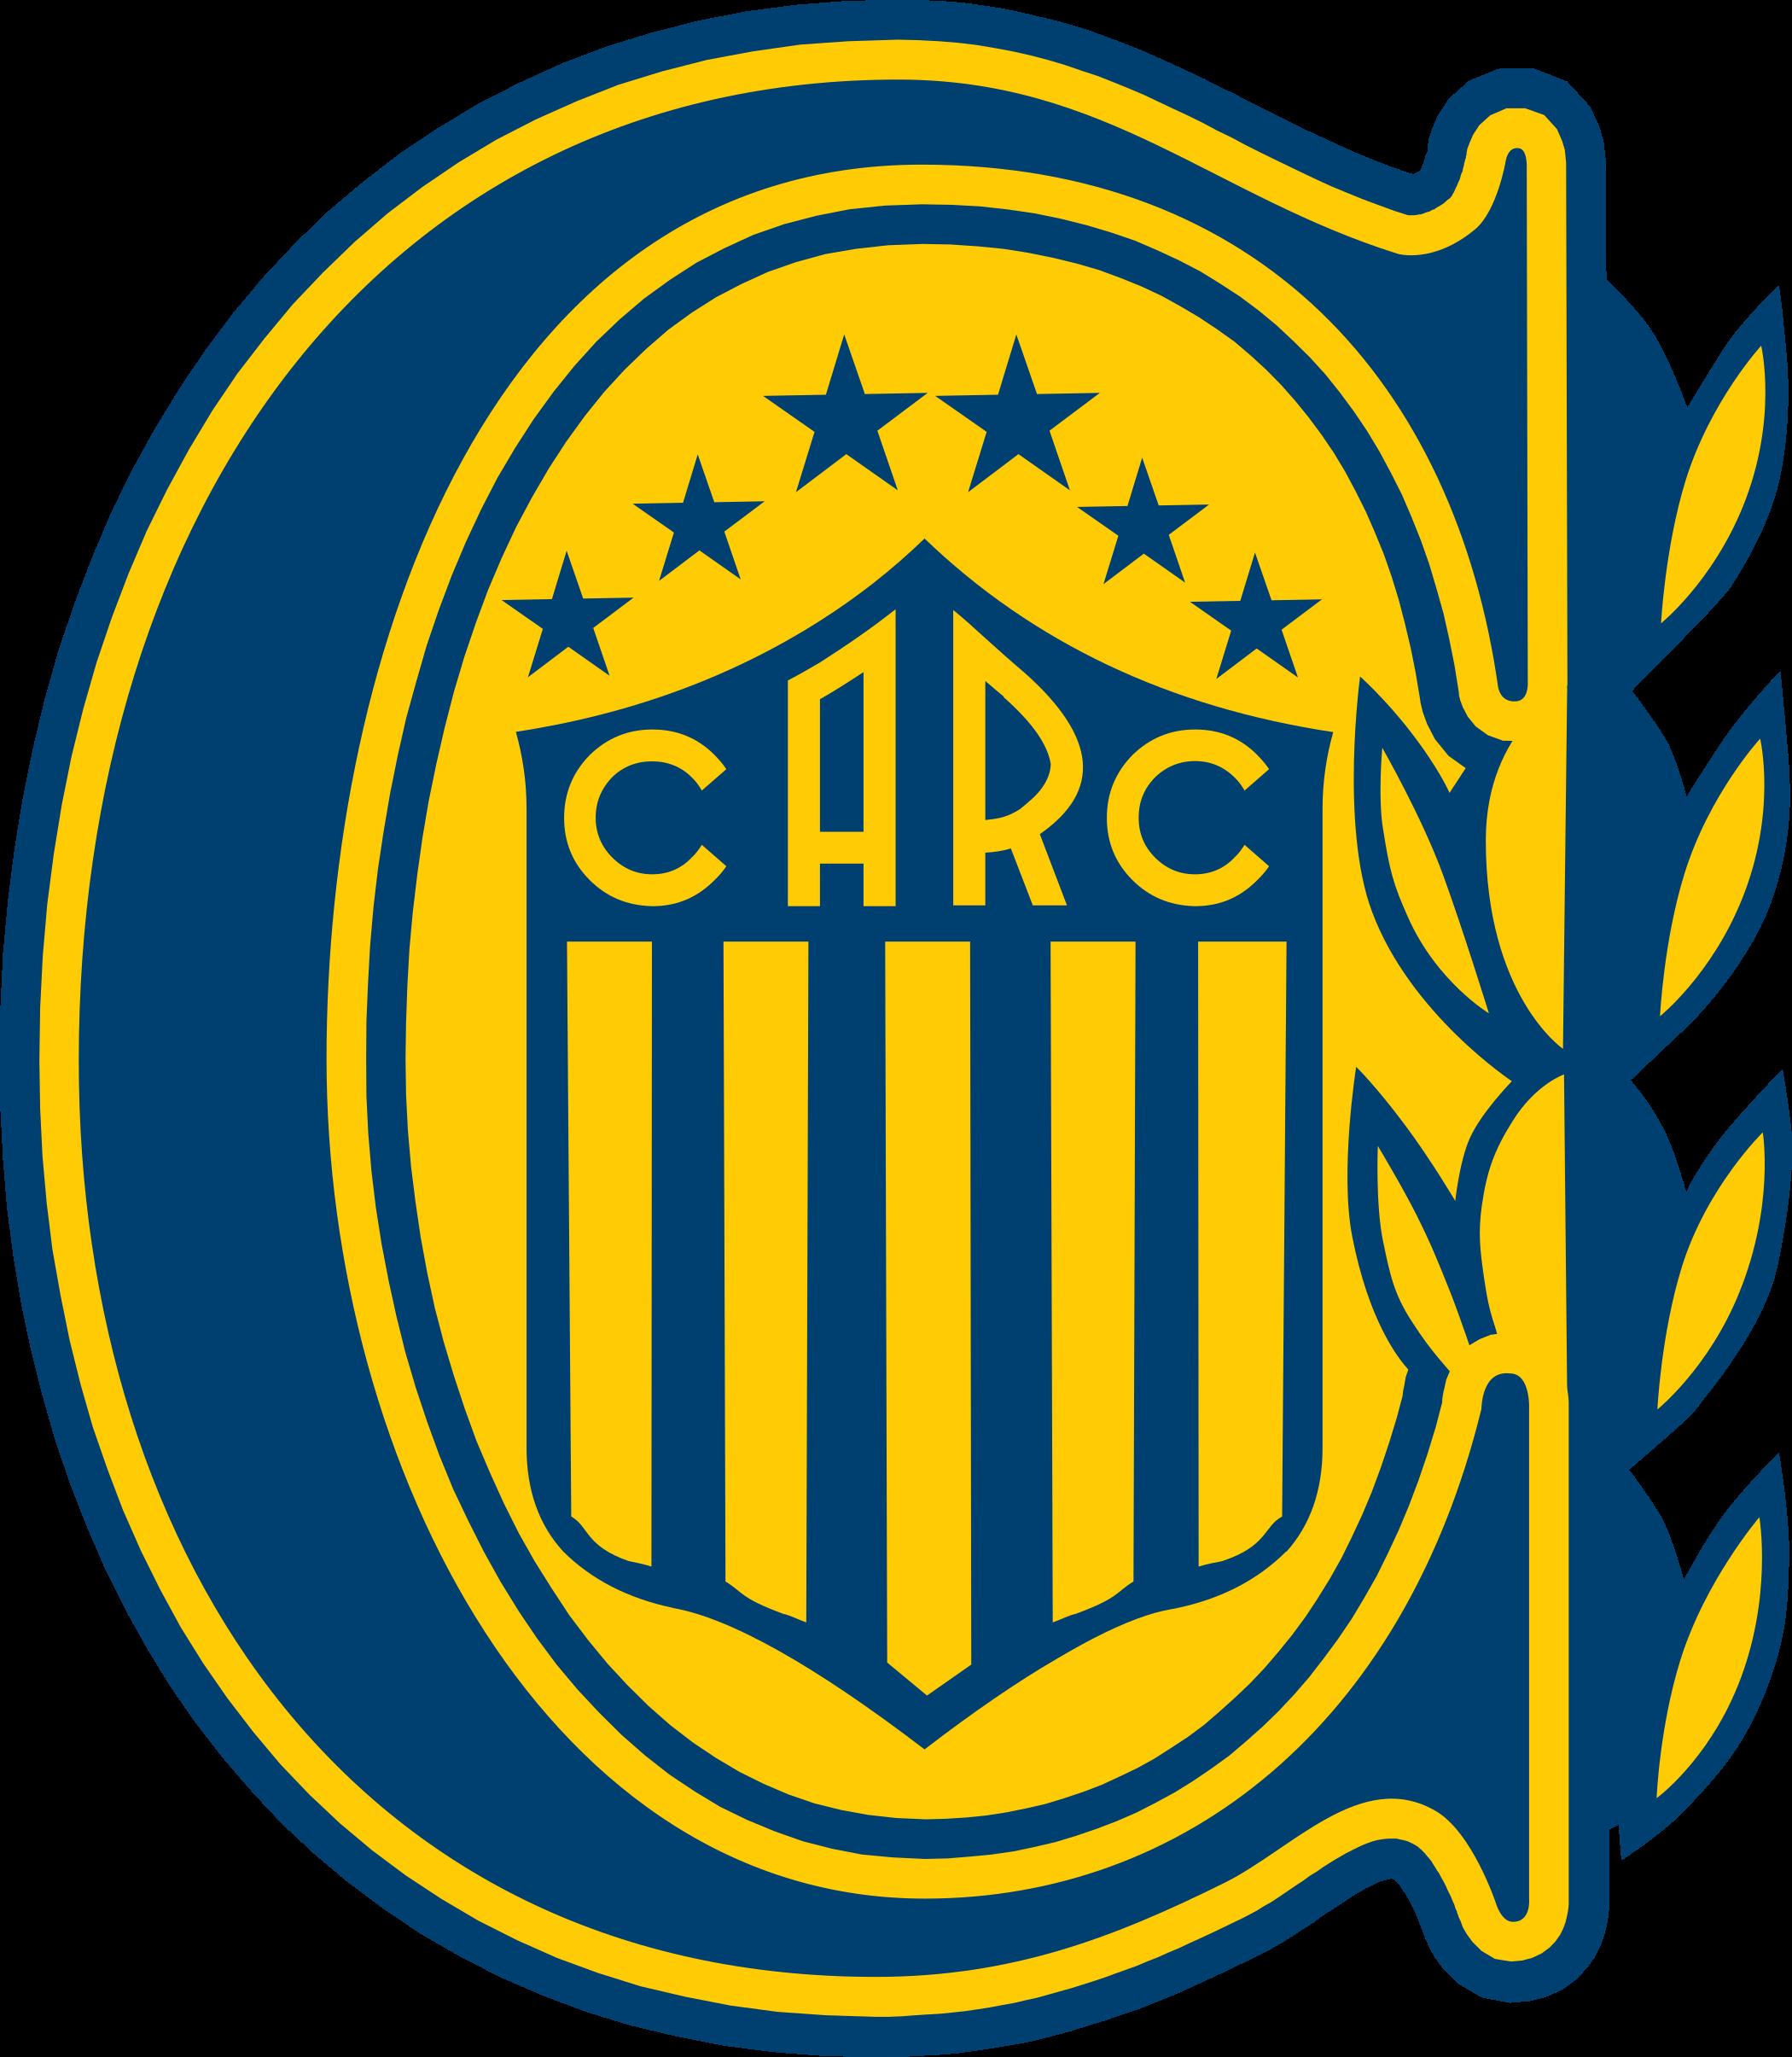 rosario central logo escudo 1 - Rosário Central Logo - Club Atlético Rosário Central Escudo